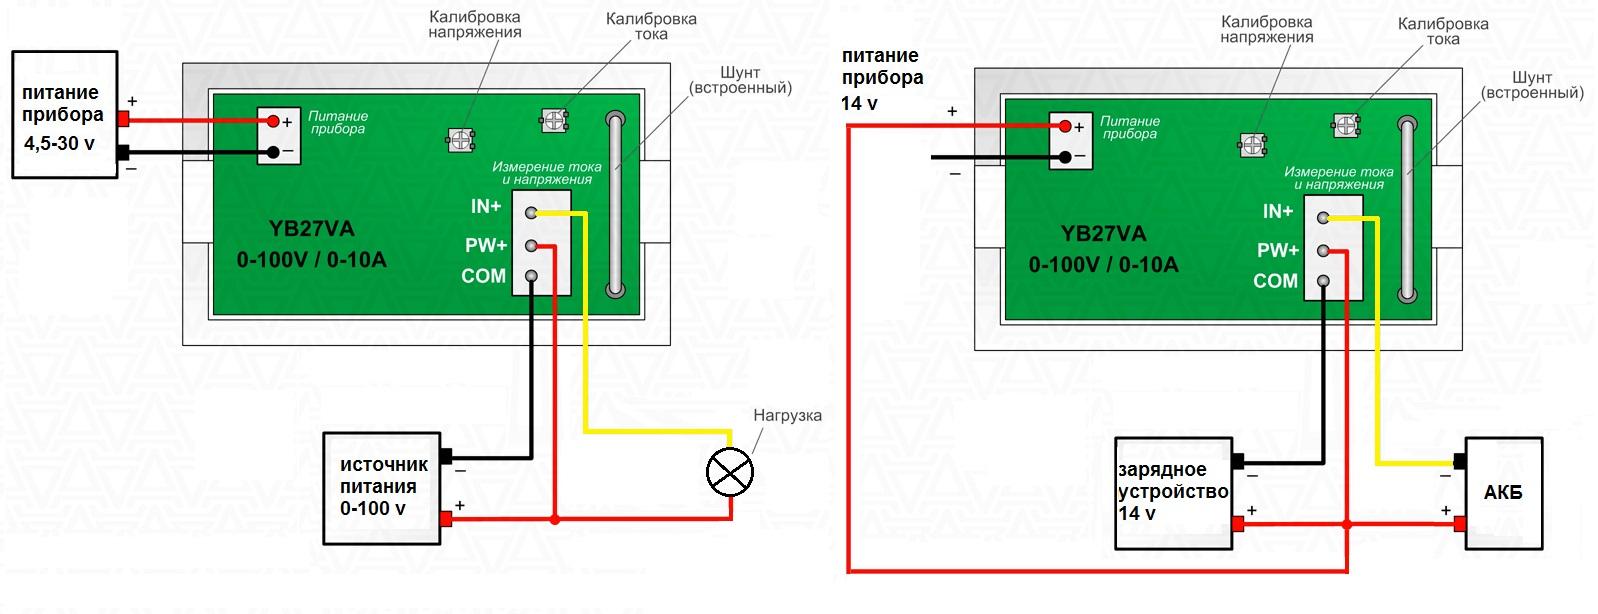 Драйвер для светодиода схема